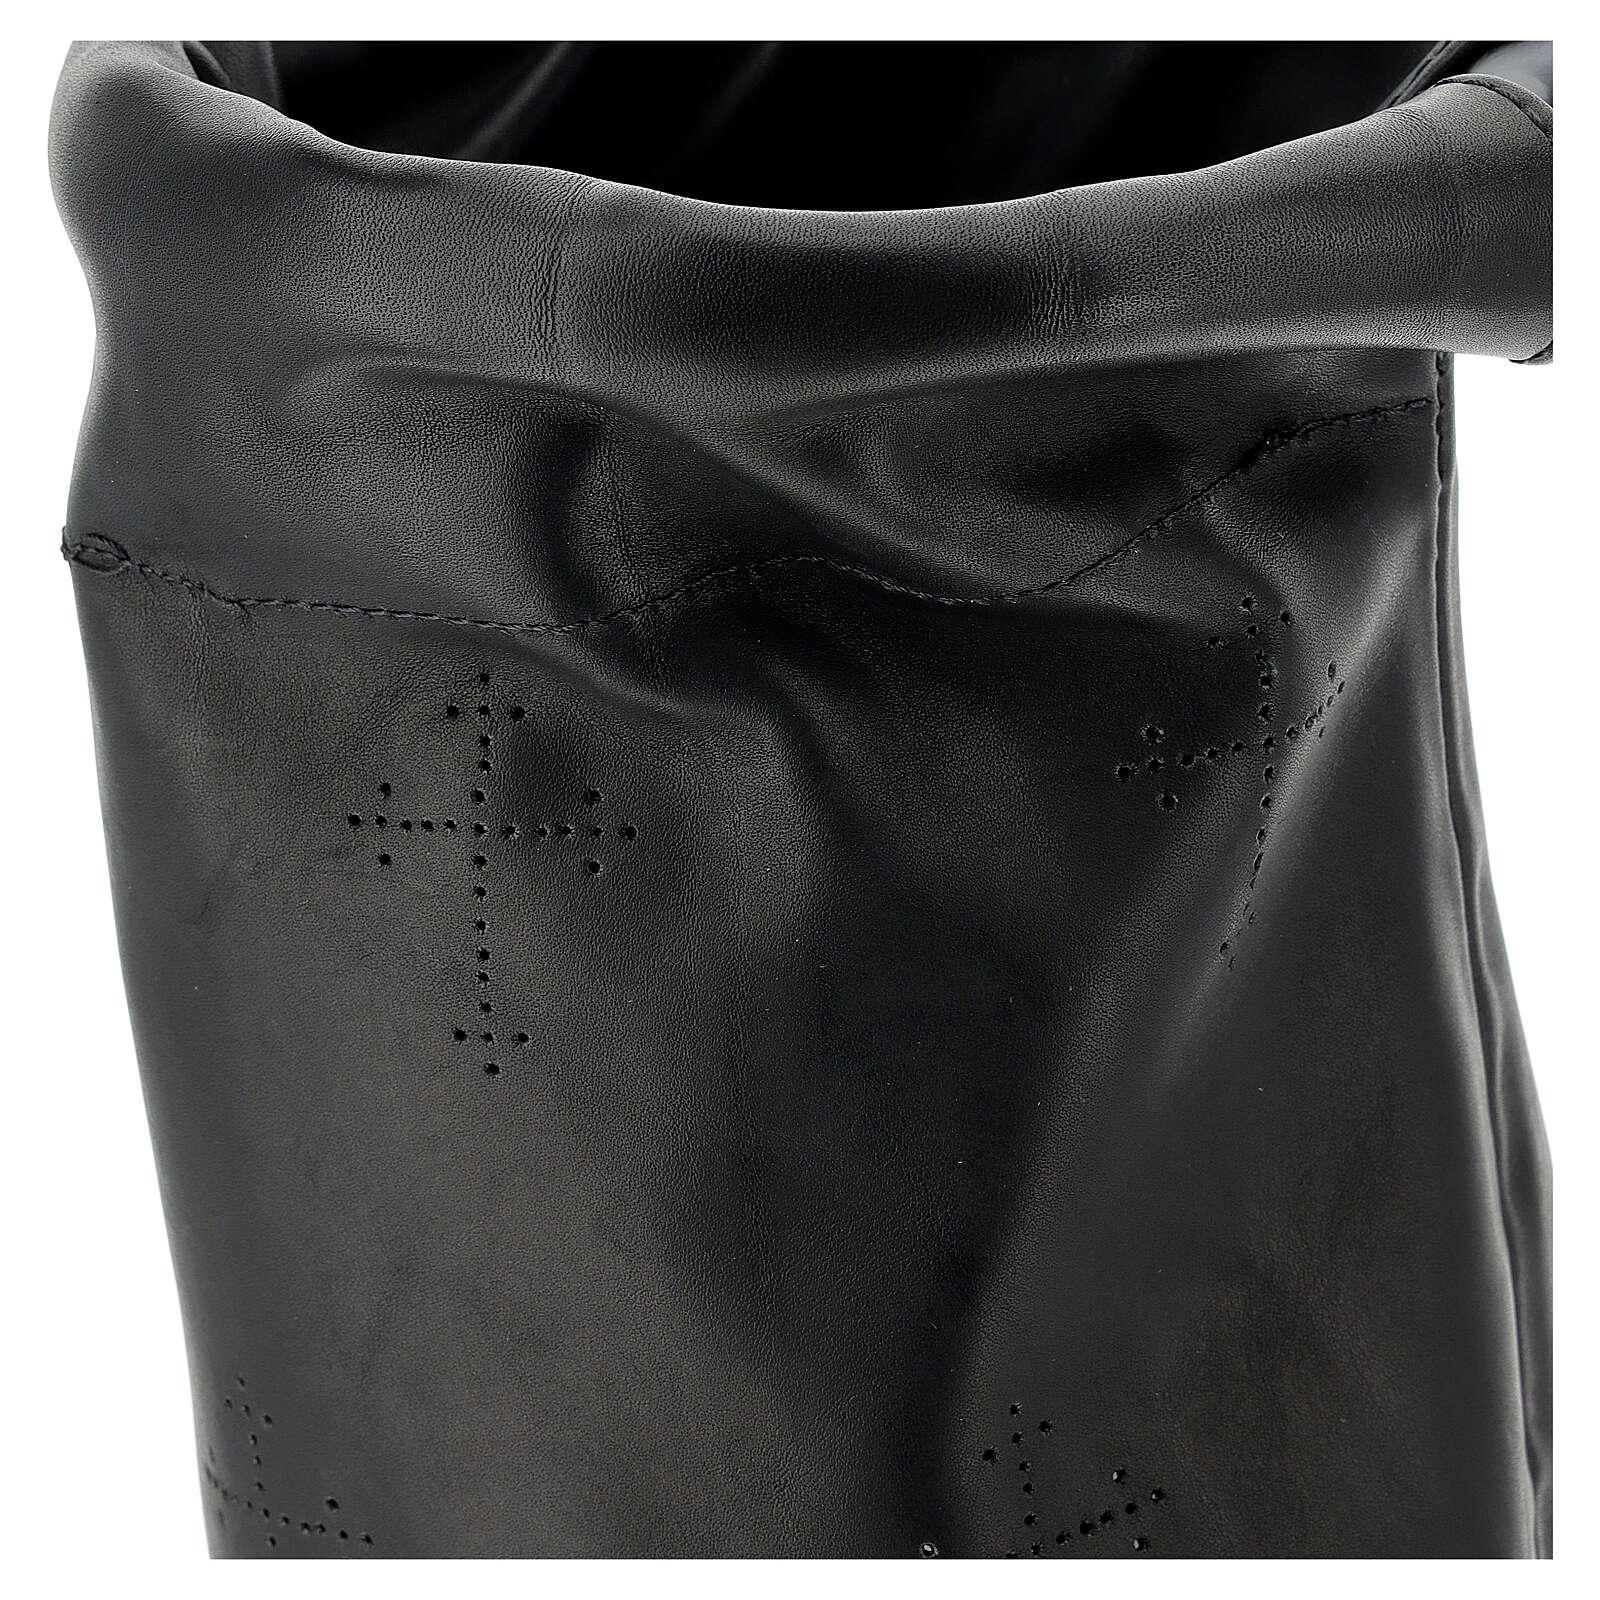 Black leather offering bag 3